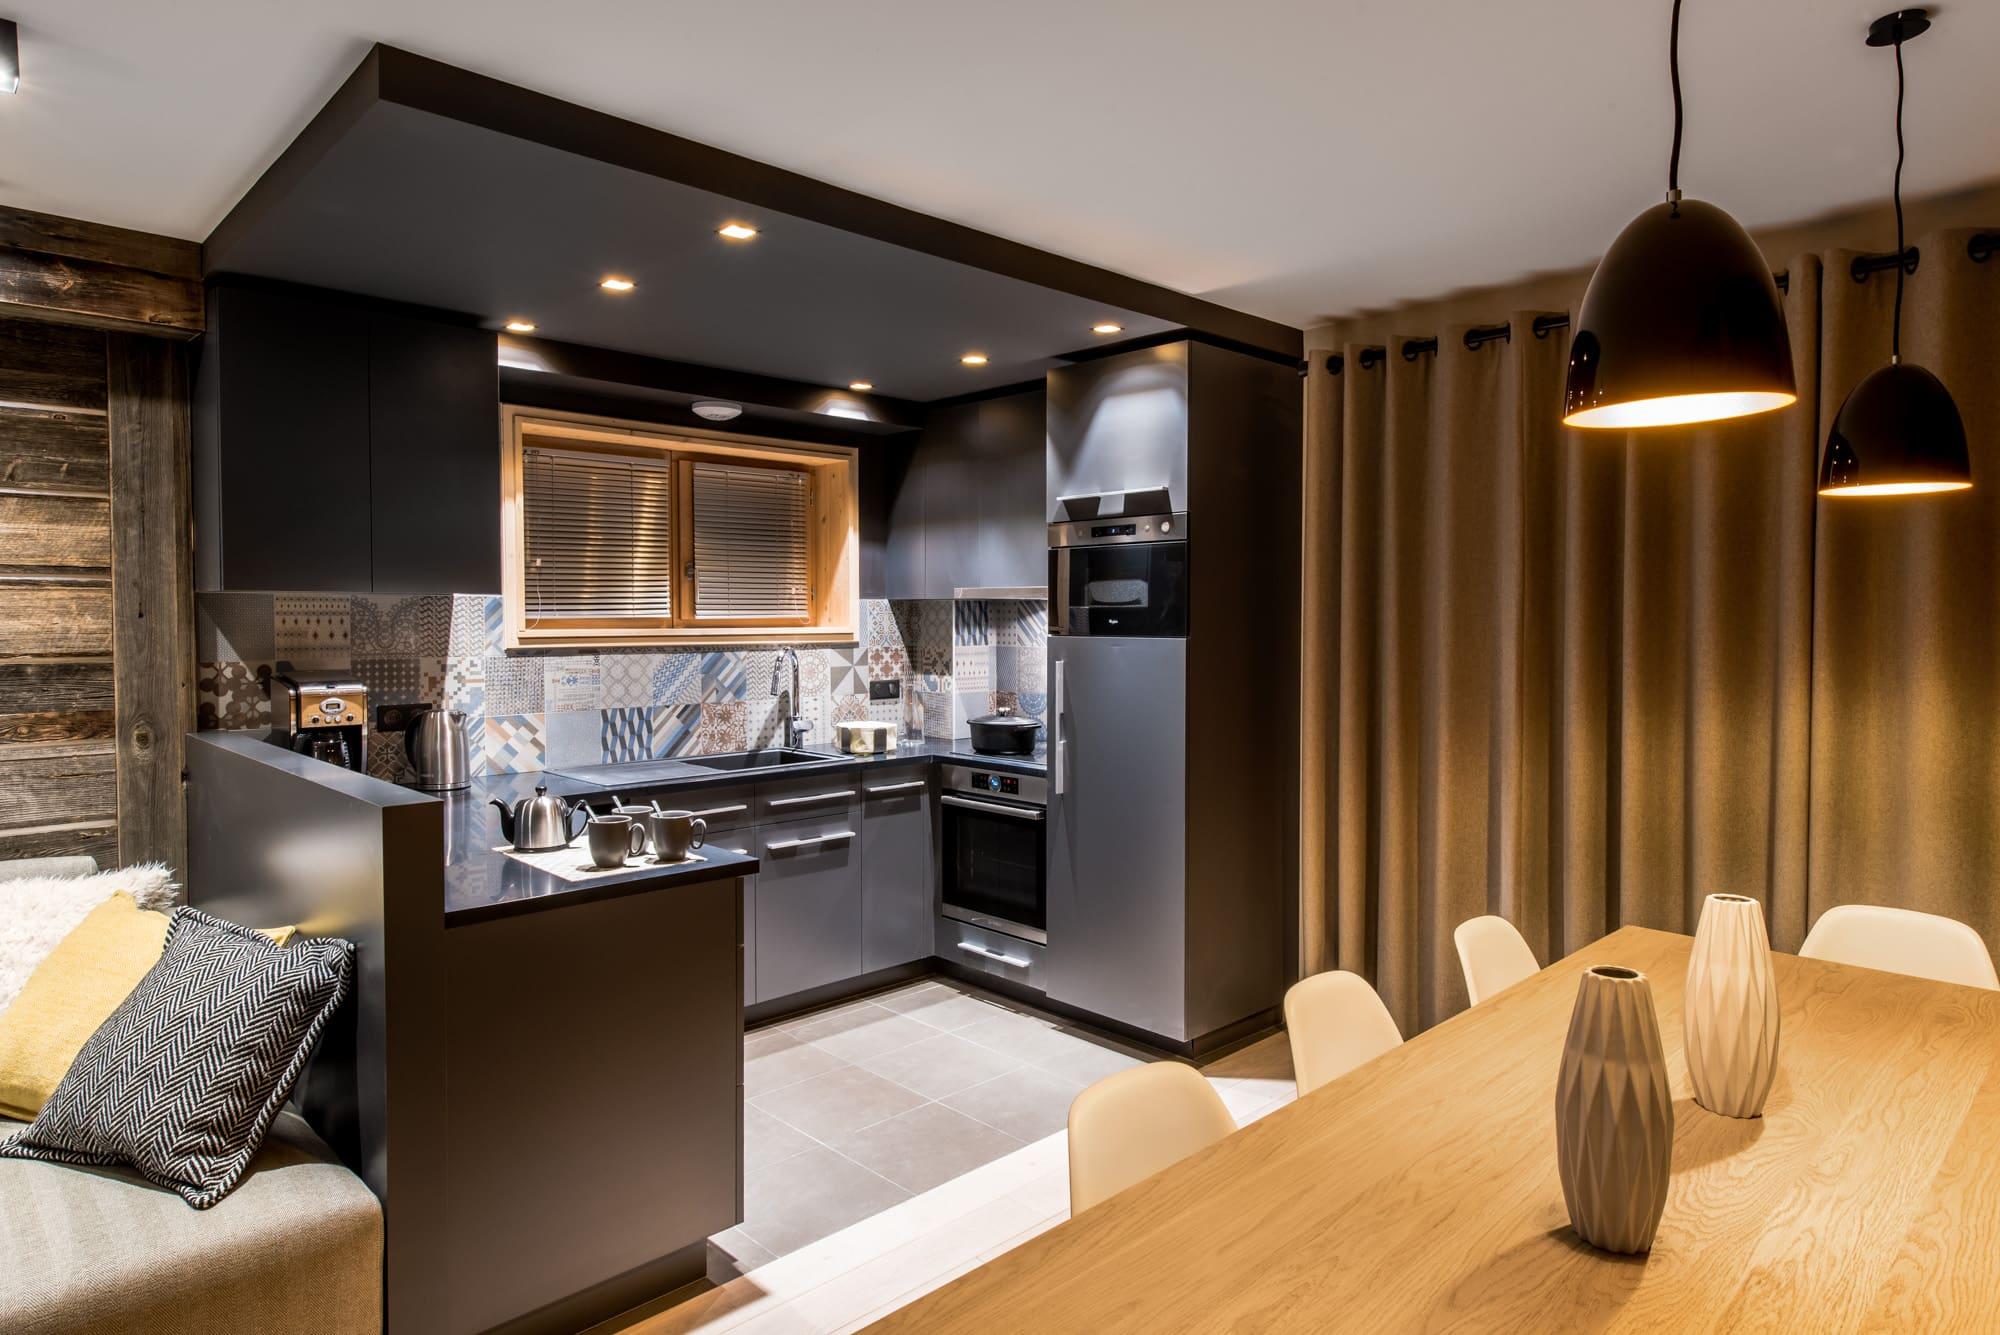 Interieur De Luxe Appartement agence amevet - architectes d'intérieur - chambéry - savoie